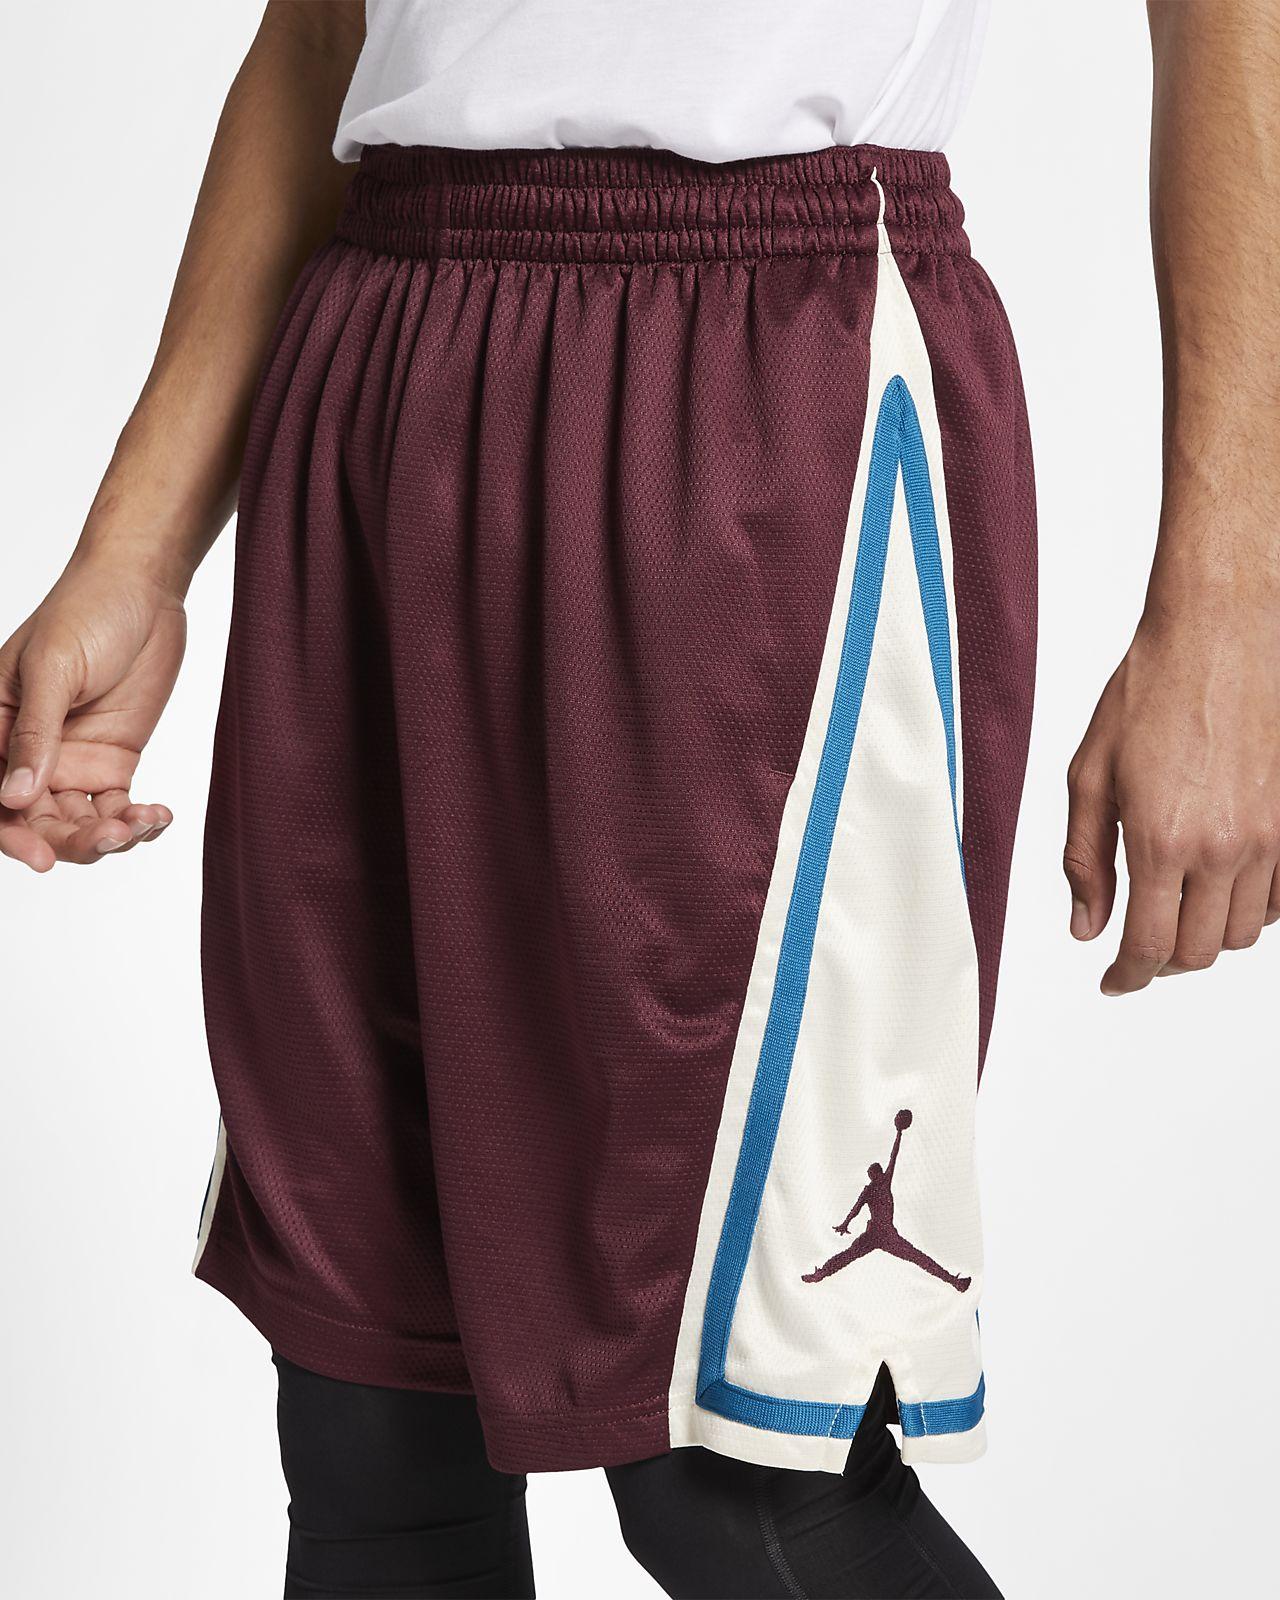 bfdded85618 Jordan Franchise Men's Basketball Shorts. Nike.com GB